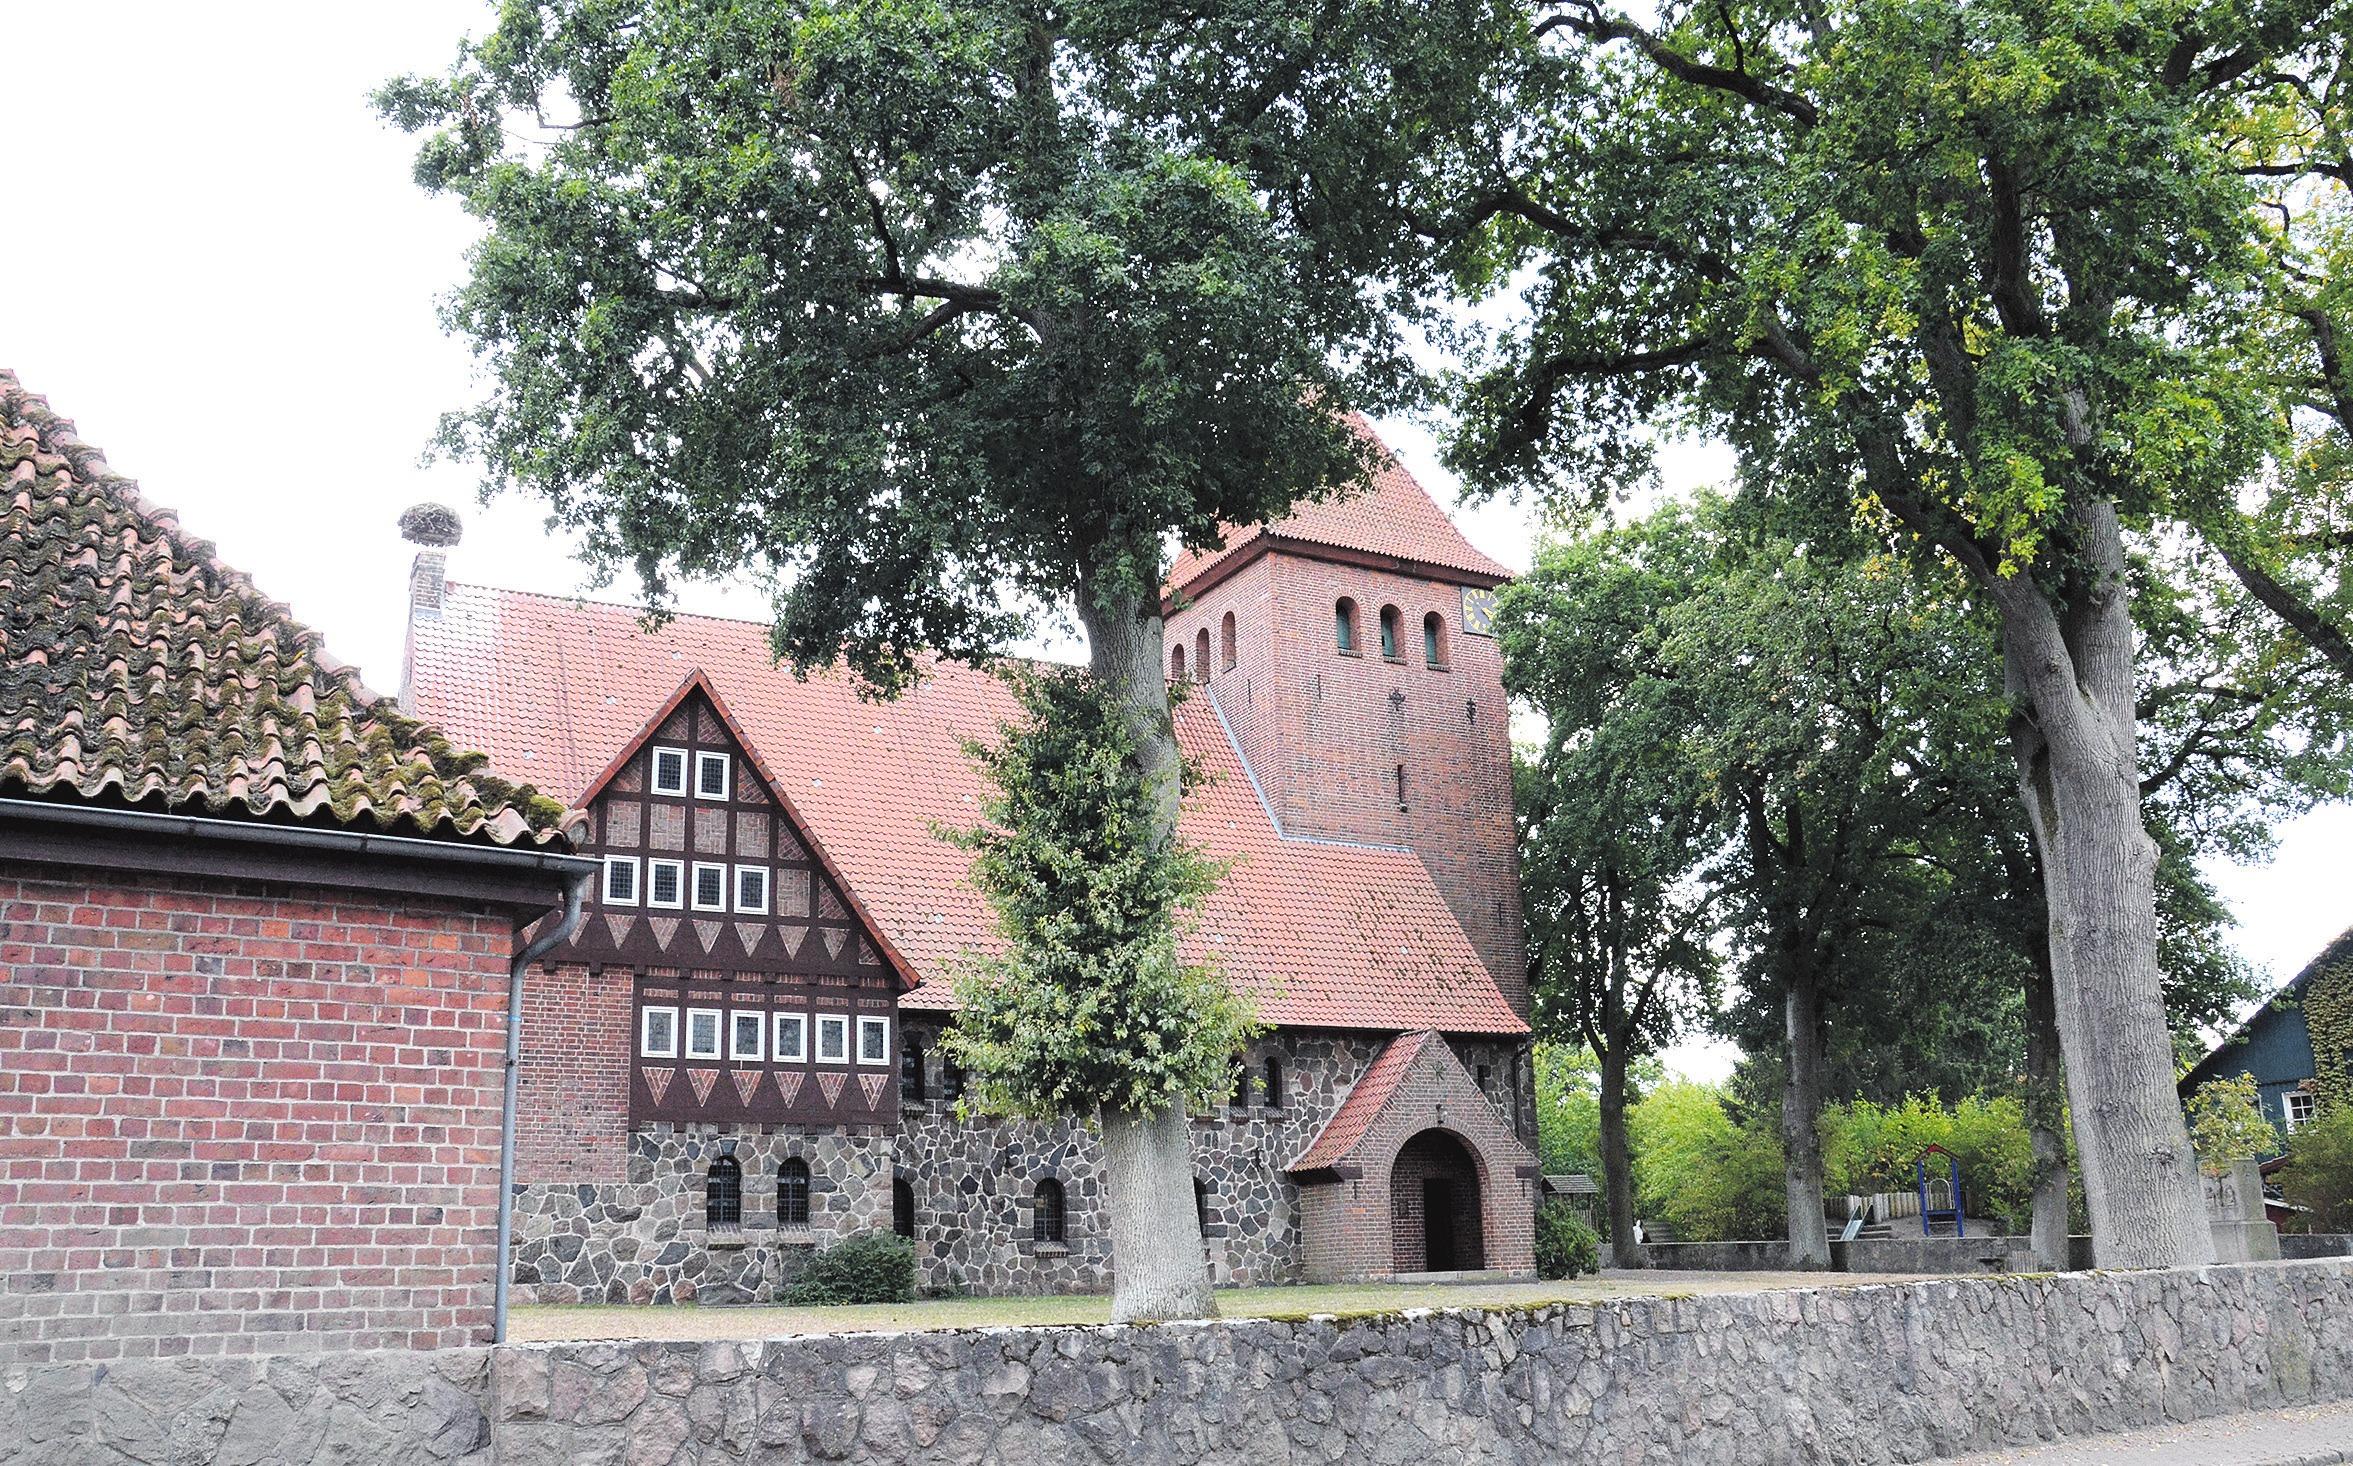 Der Bereich Schmarloh mit den Gemeinden Hohne und Ahnsbeck wurde zu Jahresbeginn neu ins Dorfentwicklungsprogramm des Landes Niedersachsen aufgenommen. Archivfoto: Müller